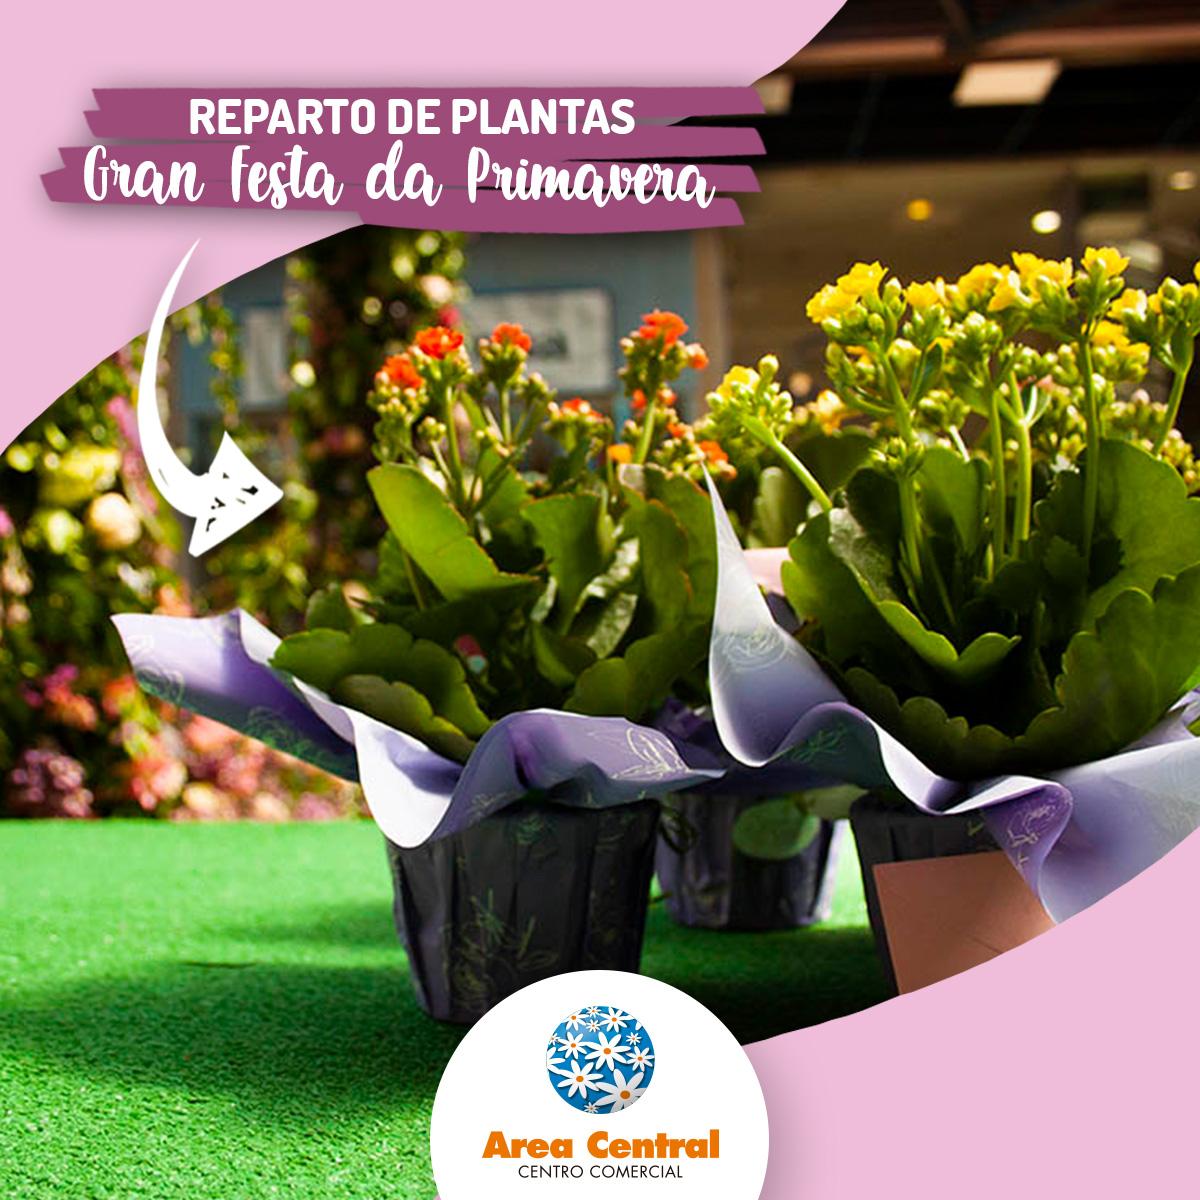 """DINÁMICA DA PROMOCIÓN """"REPARTO DE PLANTAS EN FLOR"""" DA GRAN FESTA DA PRIMAVERA DE ÁREA CENTRAL"""